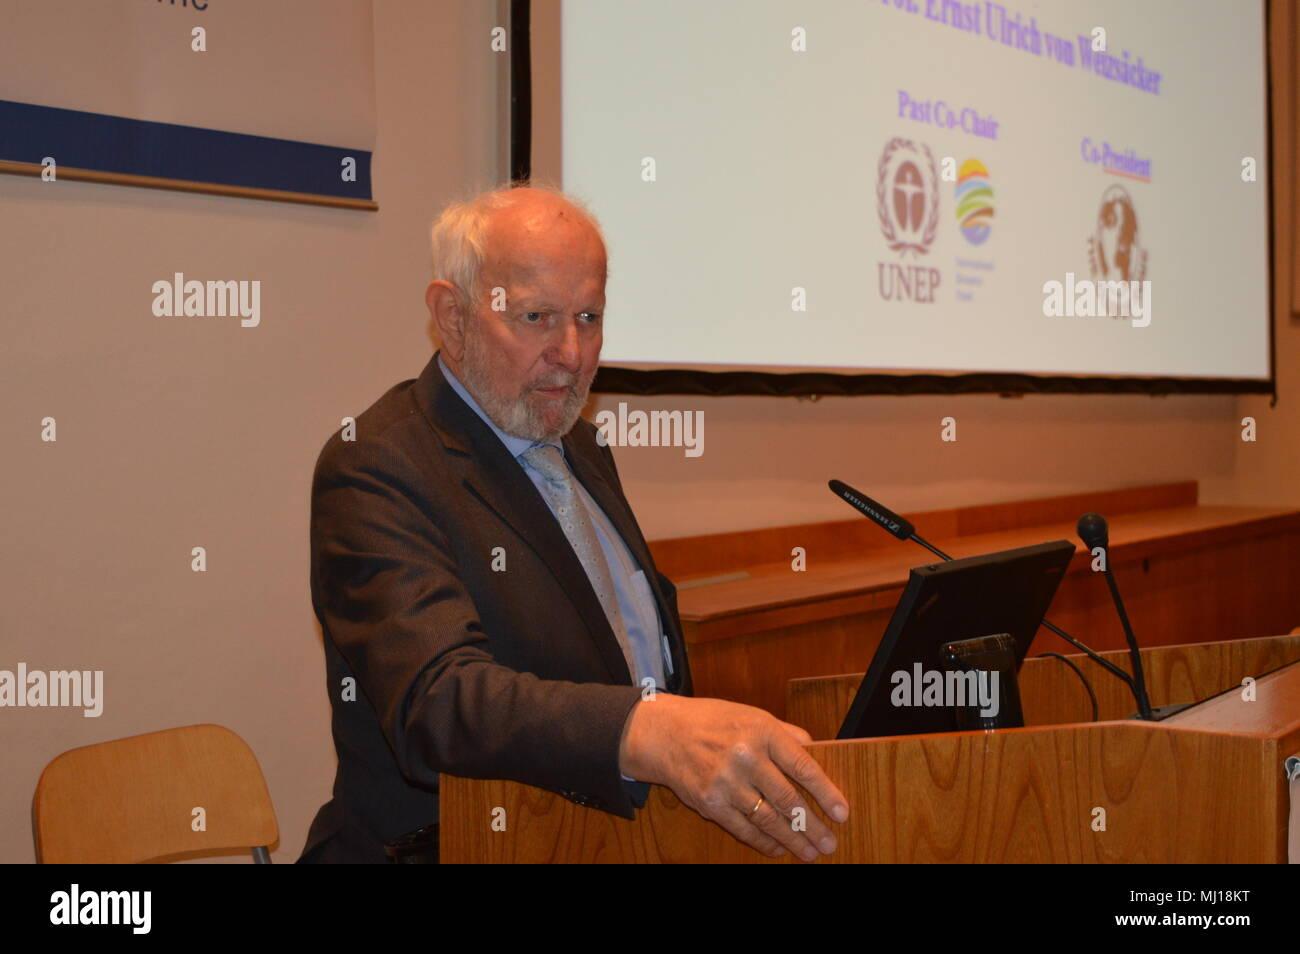 """Der neue Bericht des Club of Rome"""" Vortrag von Prof. Dr. Ernst Ulrich von Weizsäcker, Vizepräsident des Club of Rome goerlitz Stock Photo"""